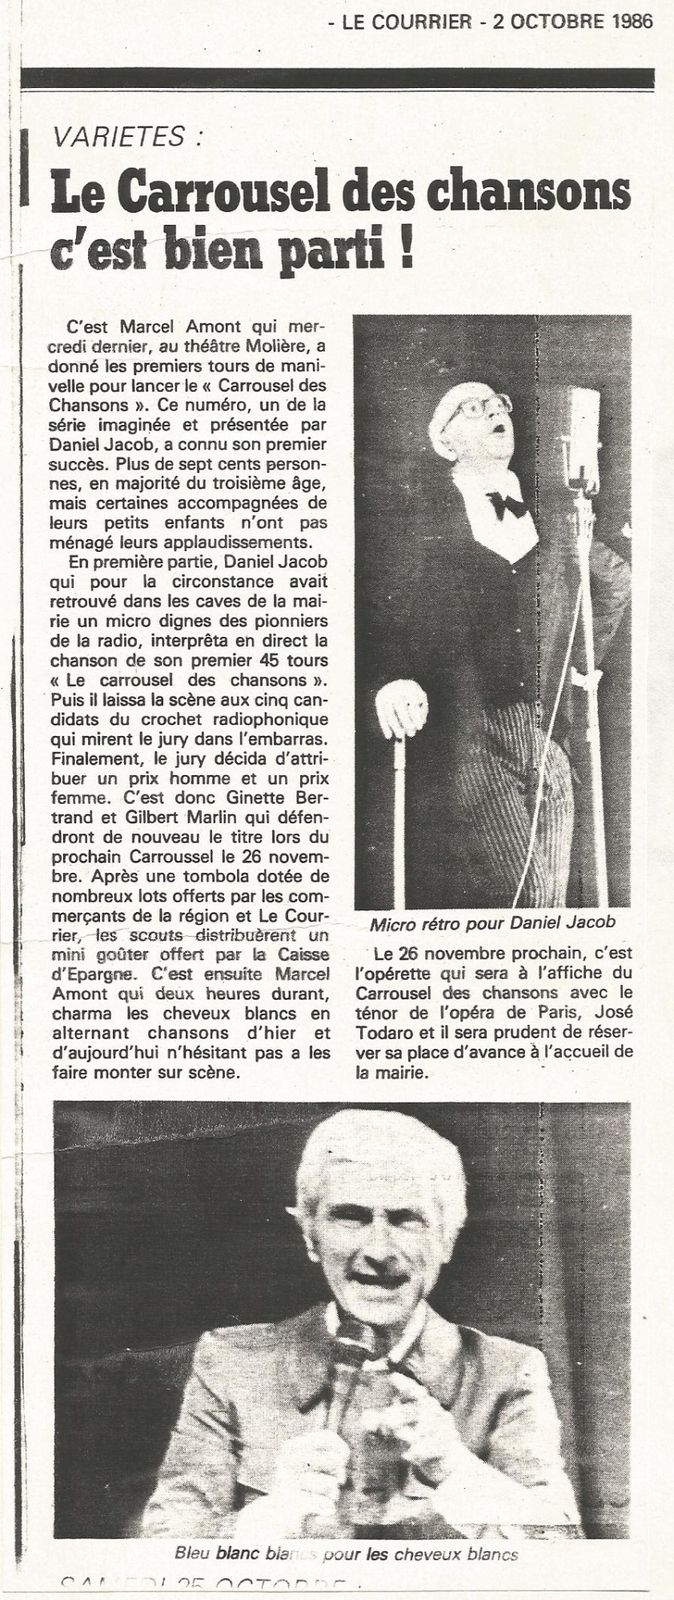 Marcel Amont, l'un de mes meilleurs souvenirs ... (8)